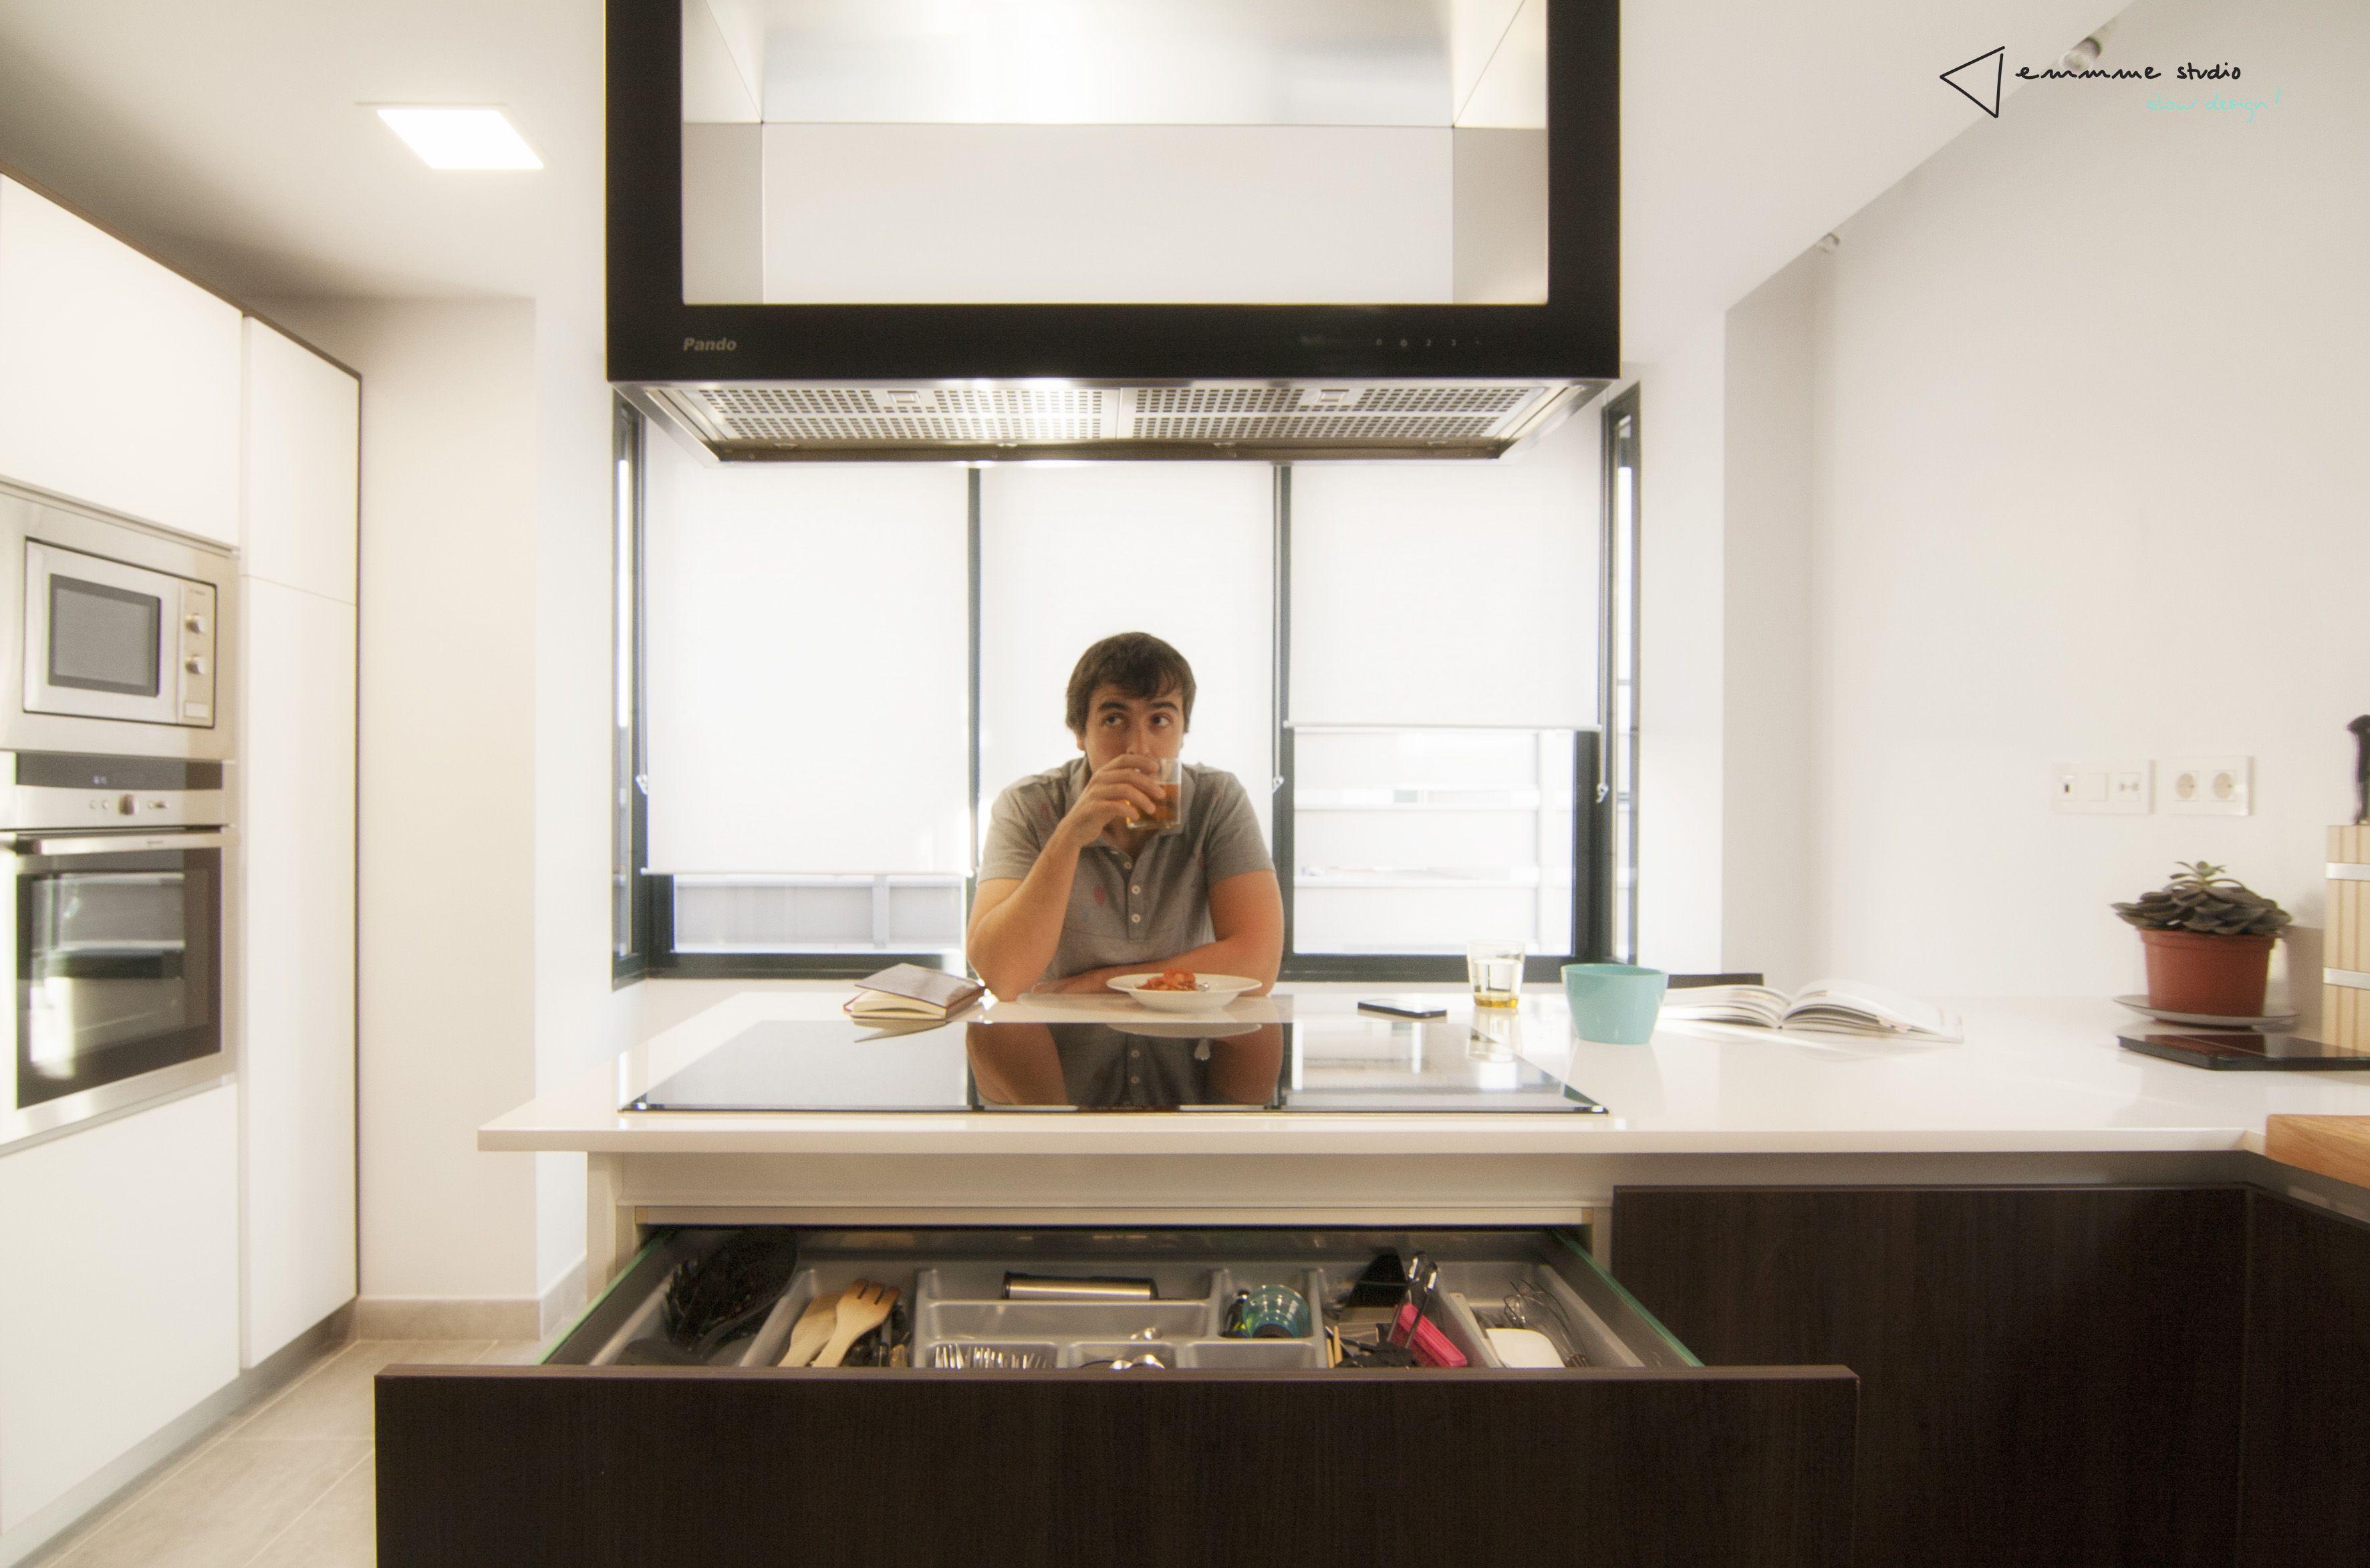 Cocina Moderno Decoracion Via Planreforma Accesorios Antes Y  ~ Accesorios Interior Armarios Cocina